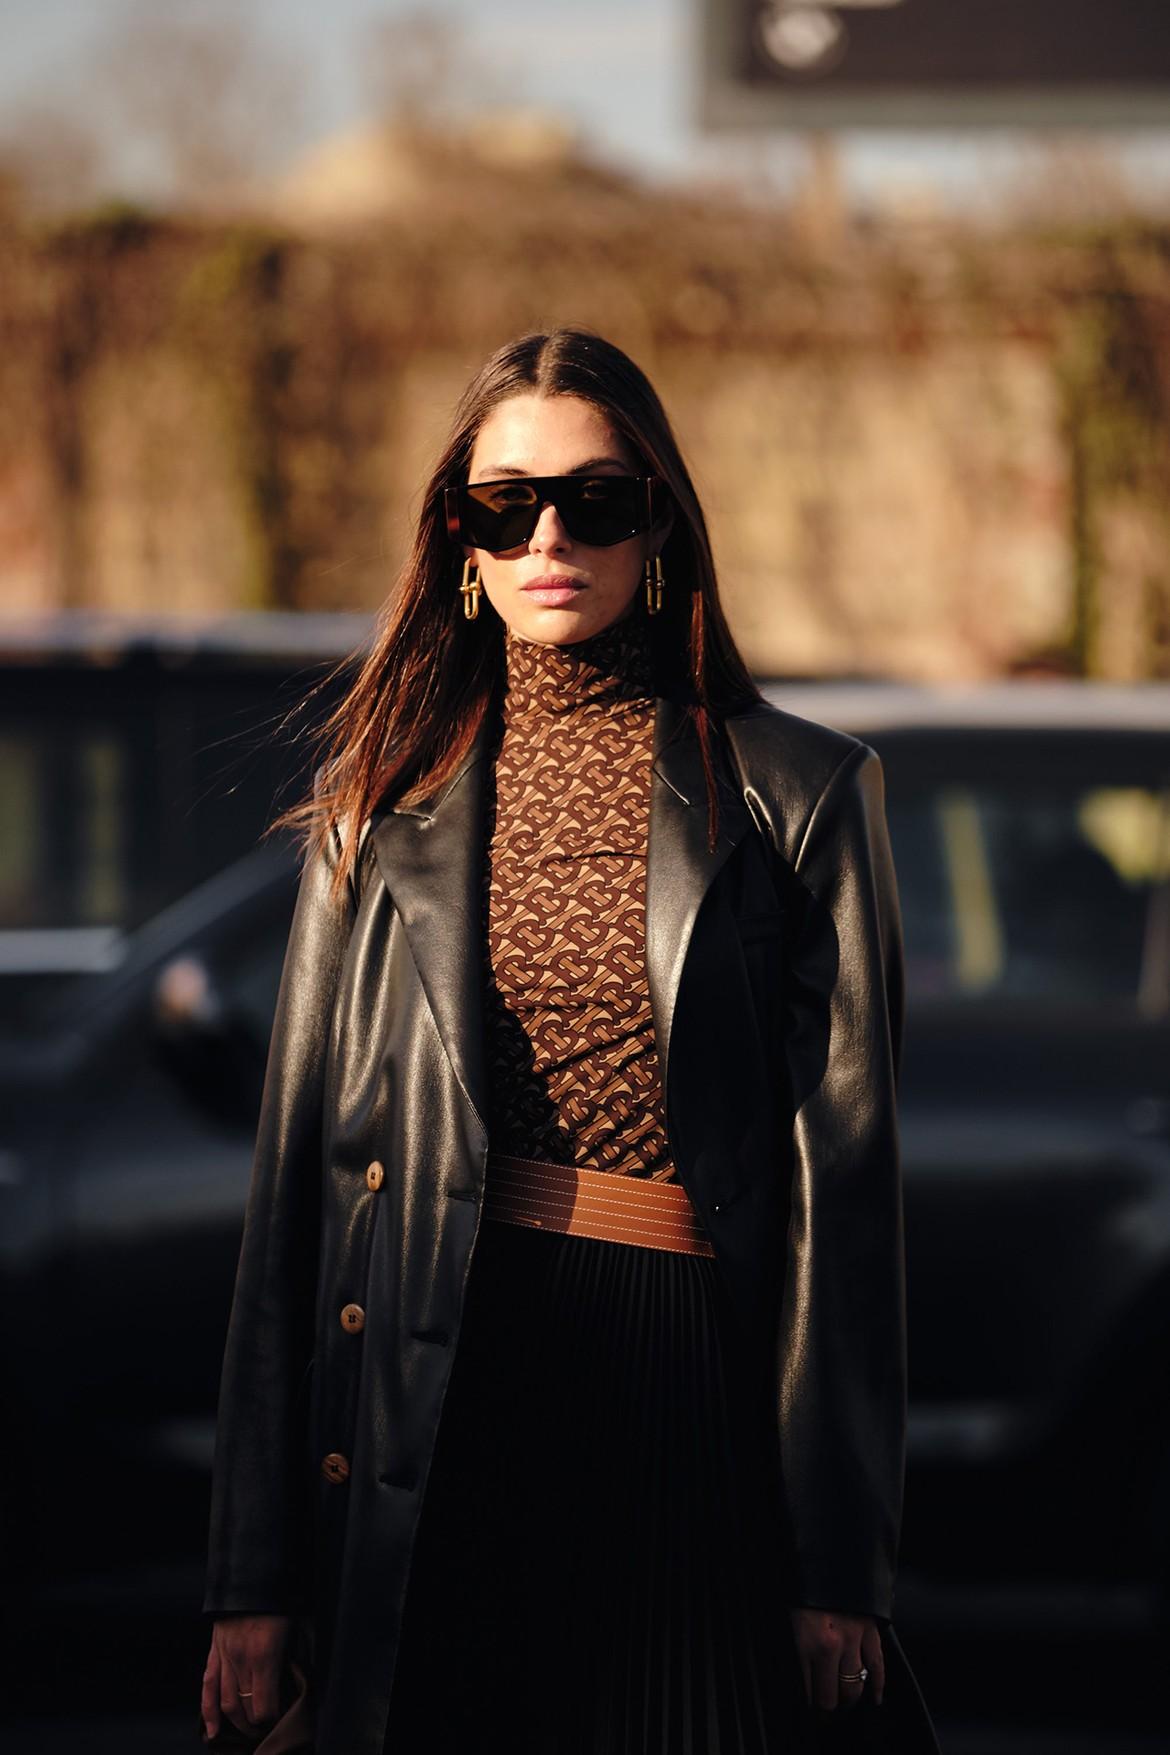 Как носить кожаную куртку весной 2020 актуально